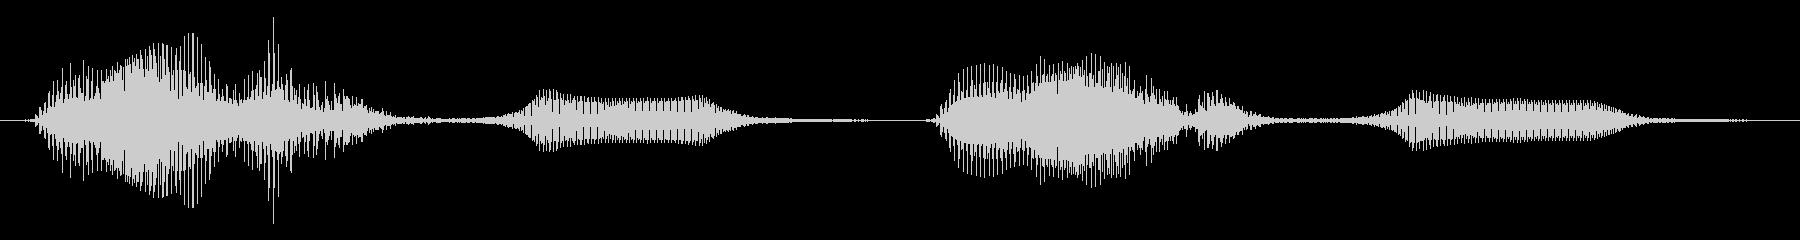 バルブホーン、ツーホンクスの未再生の波形